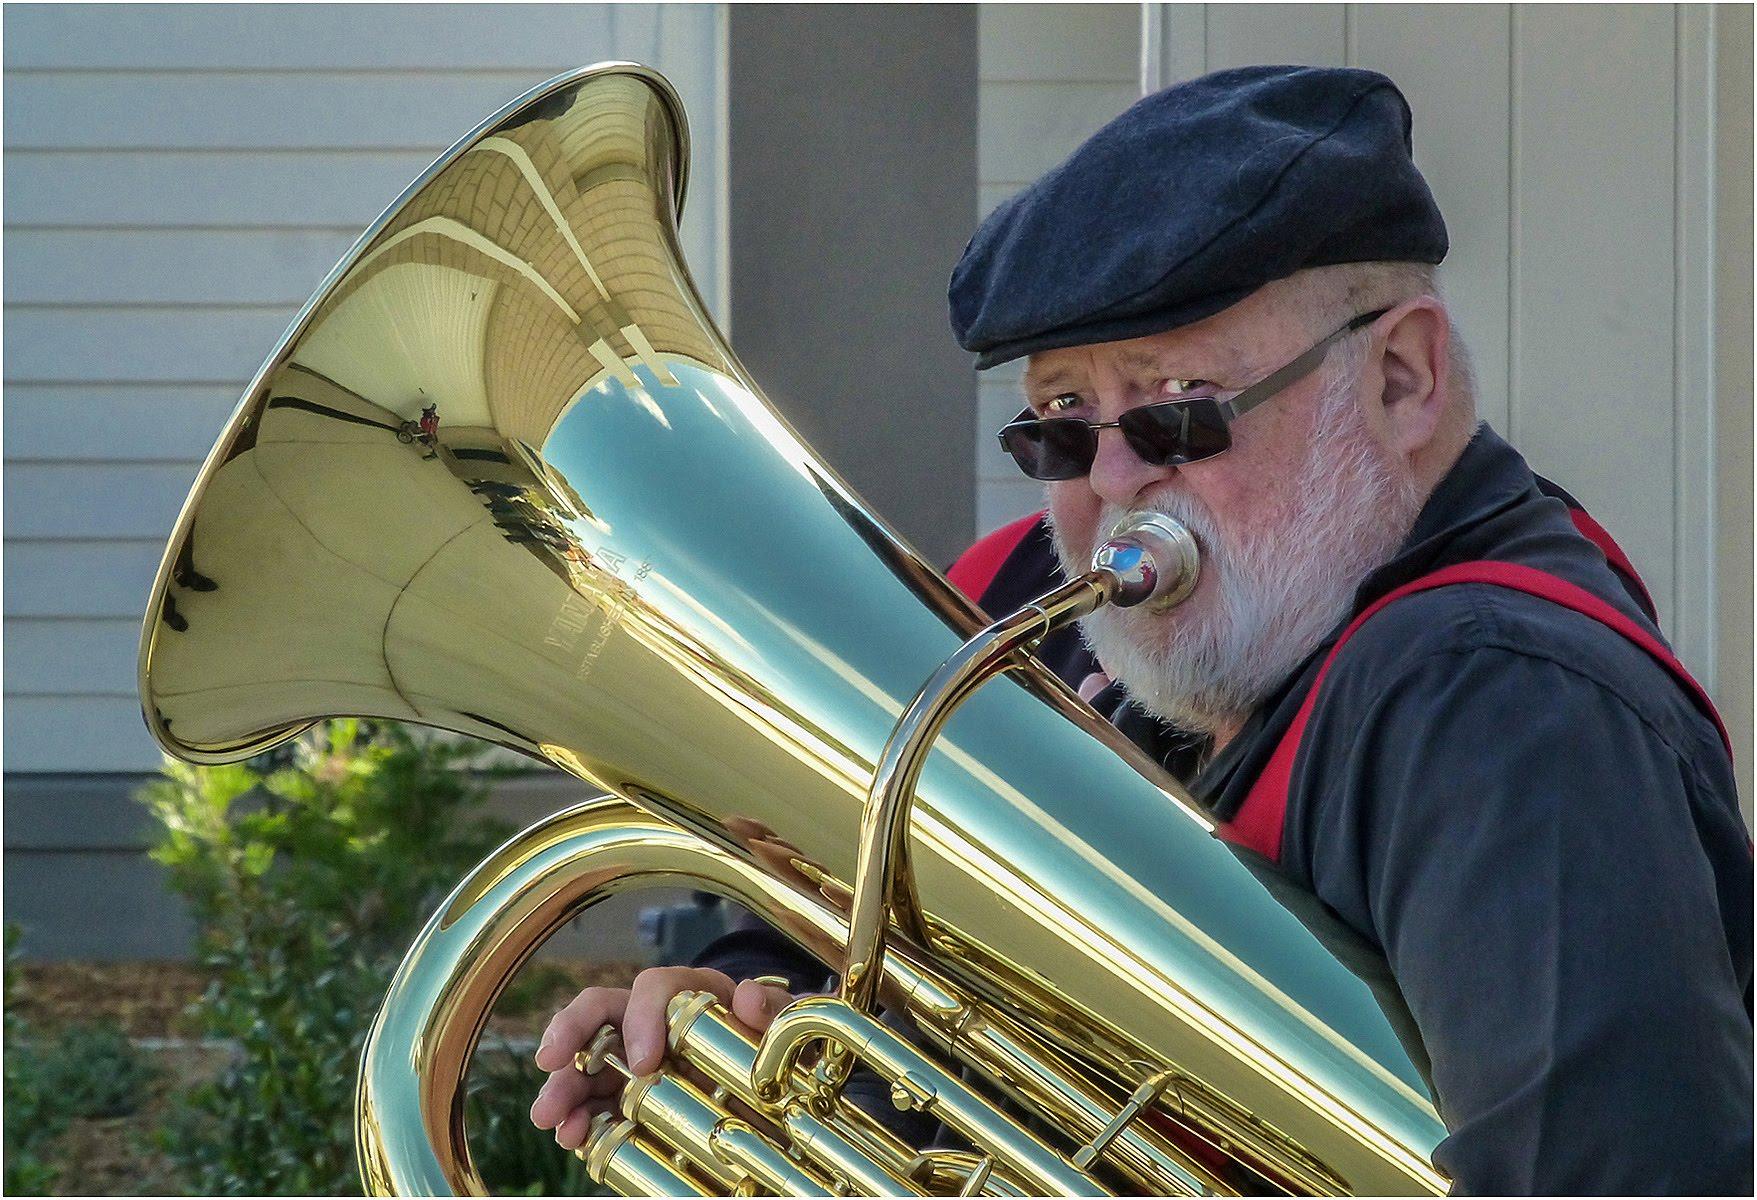 The Tuba Player.jpg